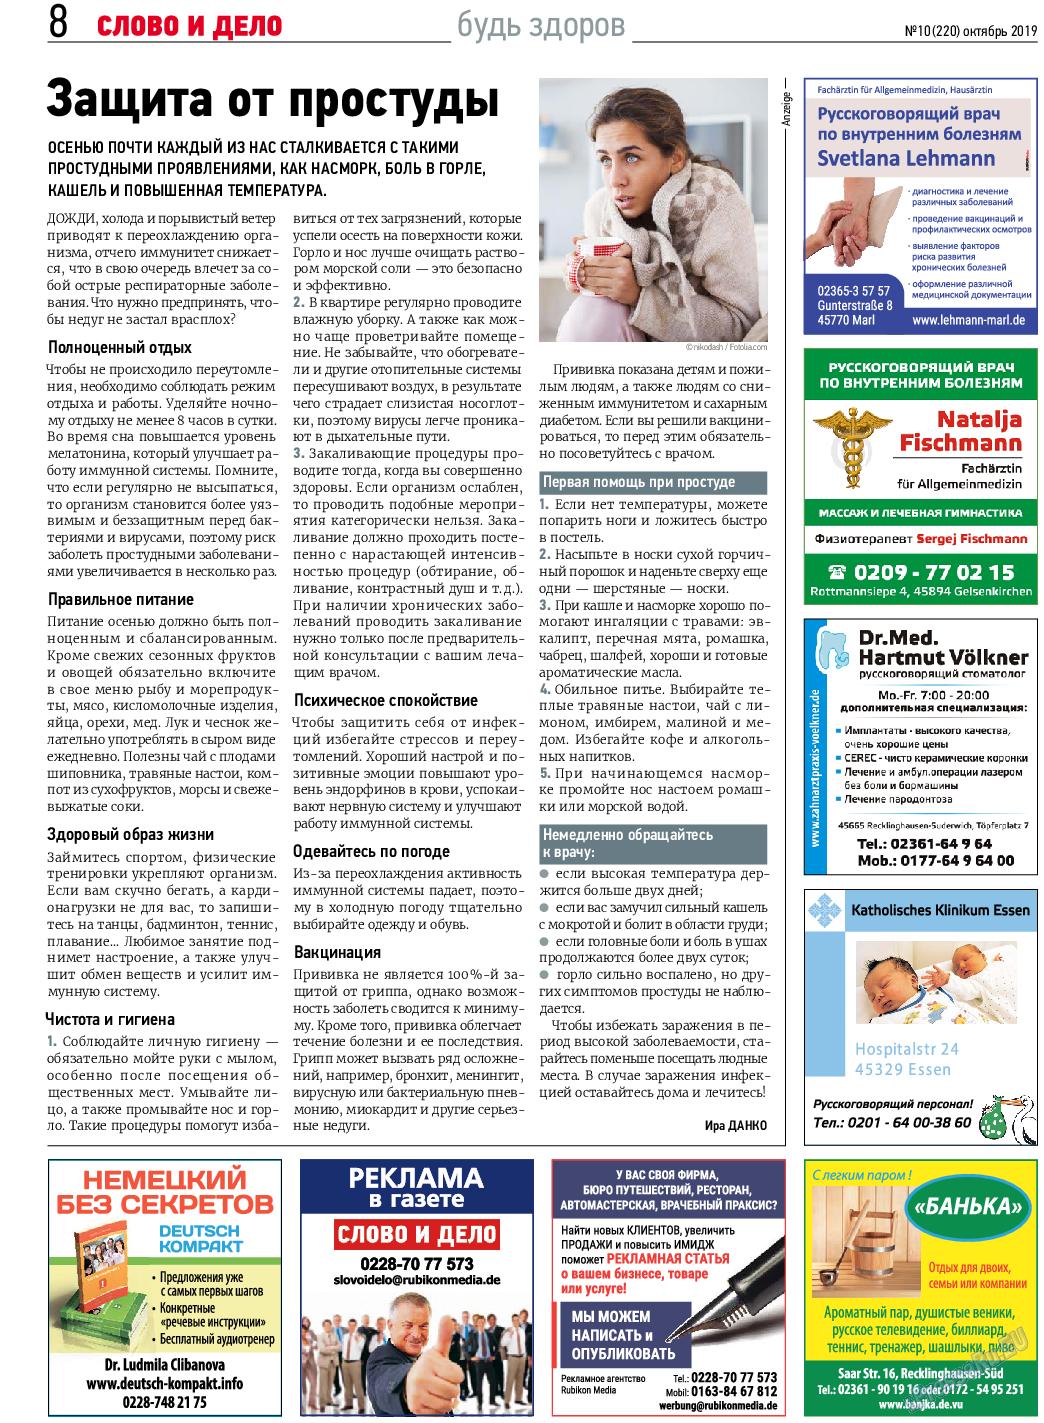 Слово и дело (газета). 2019 год, номер 10, стр. 8